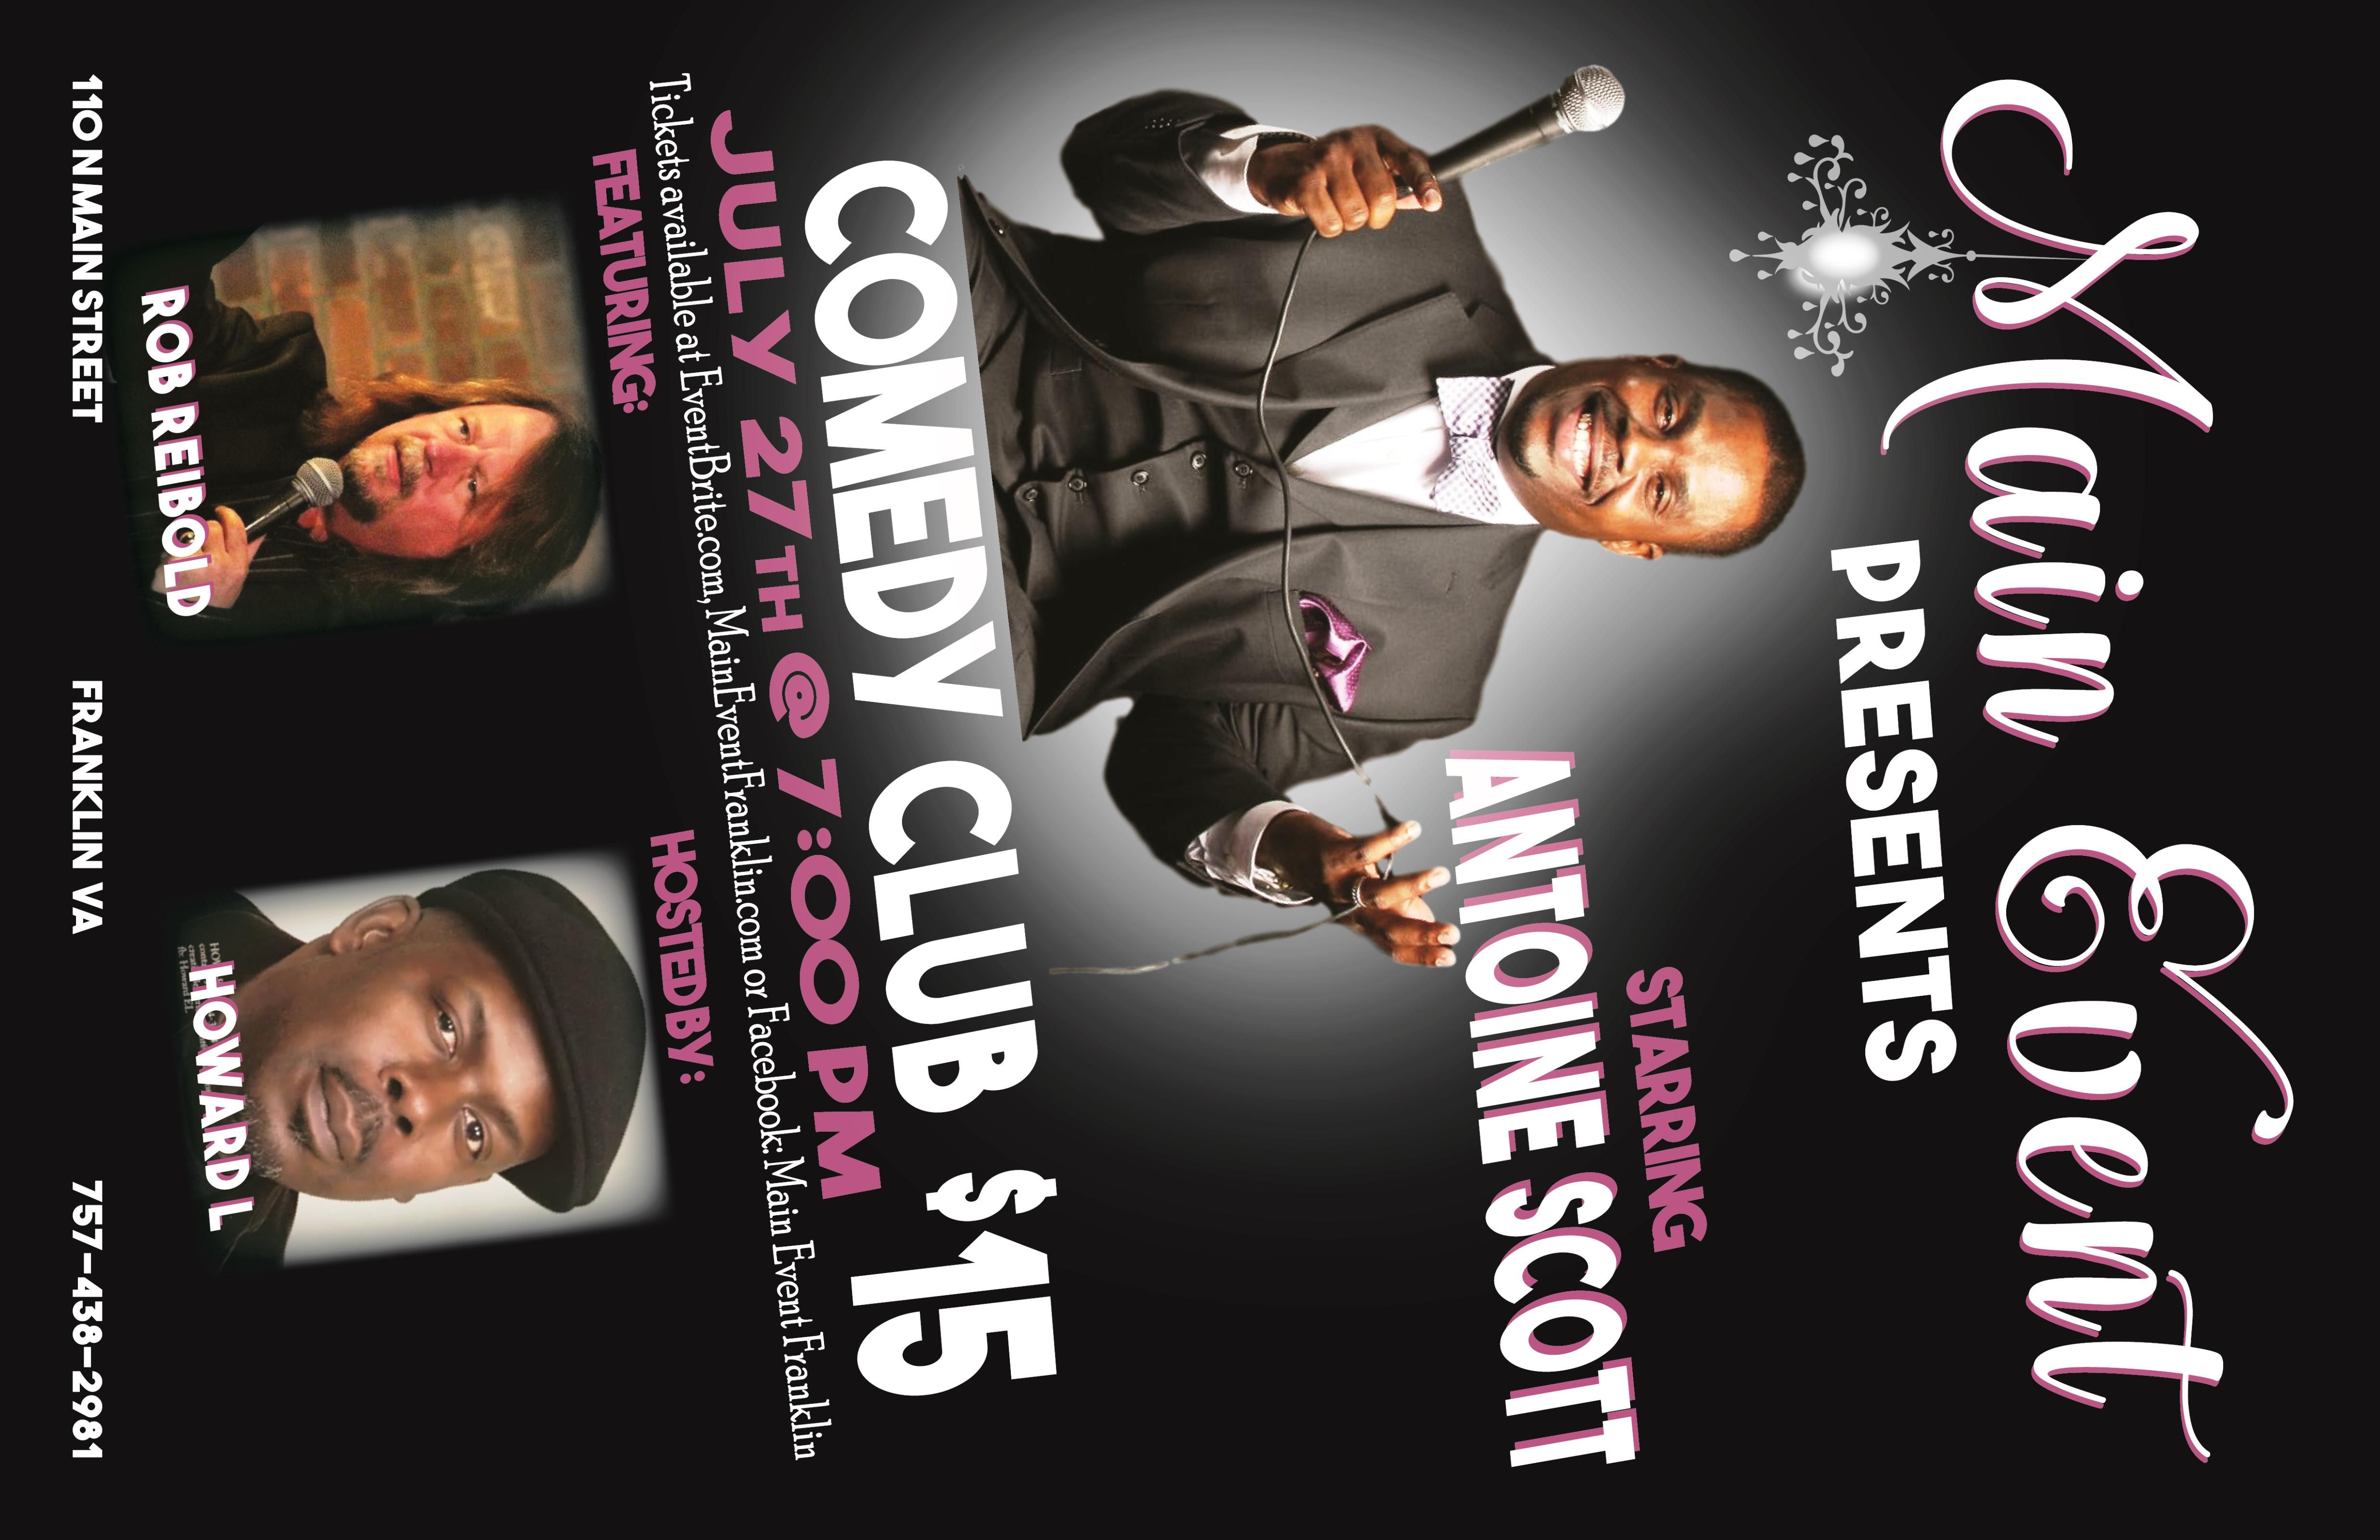 Main Event Presents Comedy Club   Events Calendar   Welcome For Comedy Club Virginia Beach Calendar